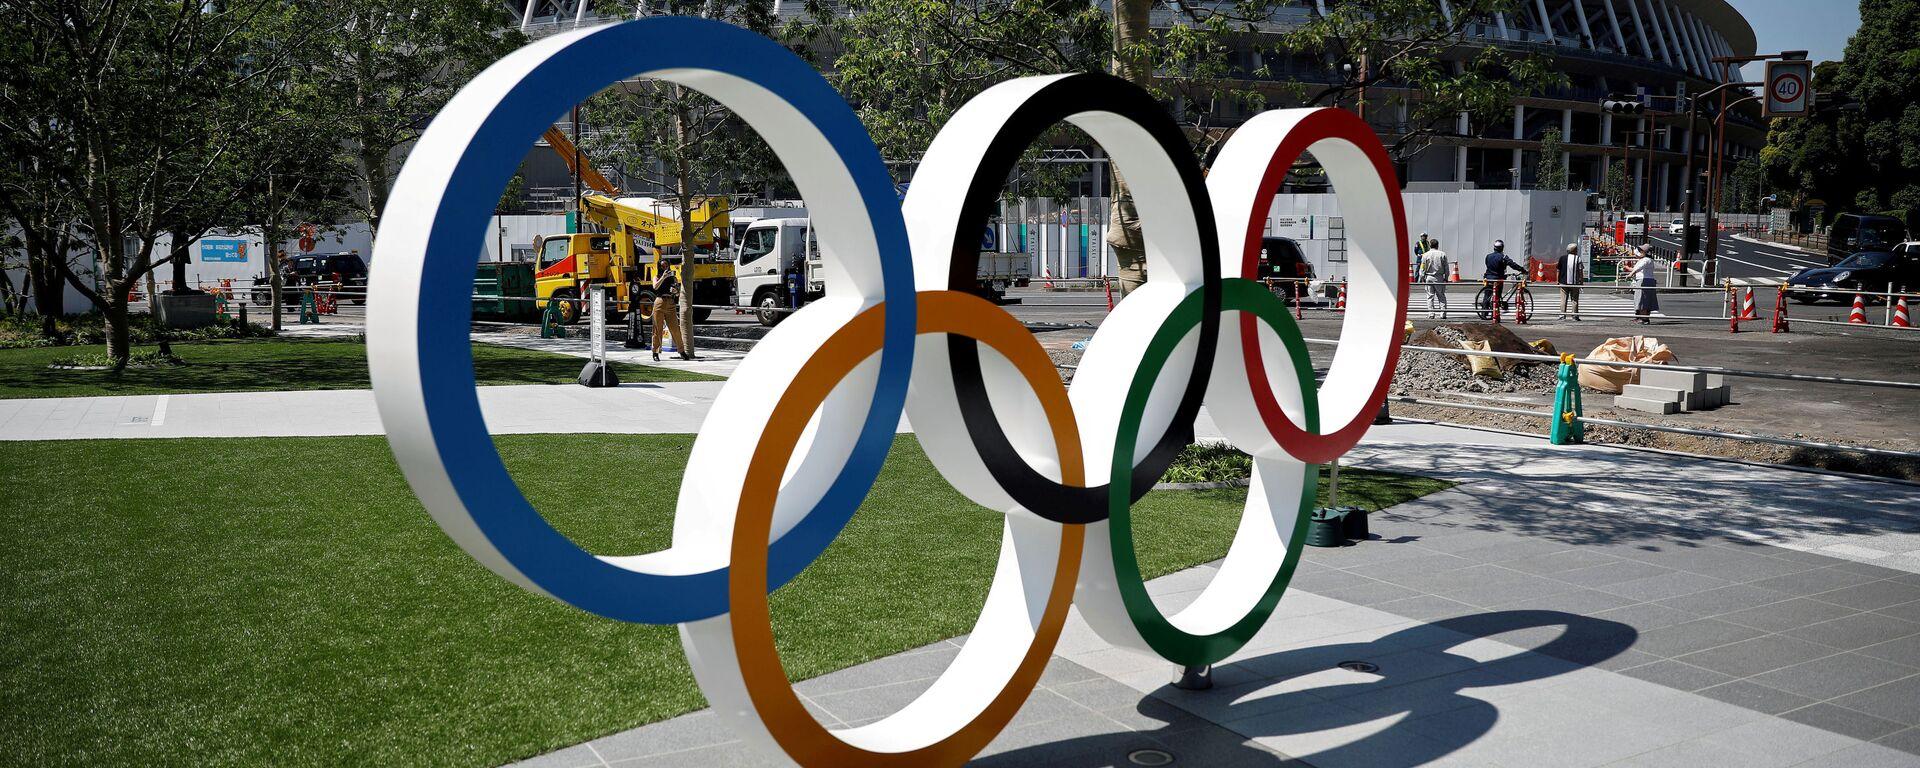 Olympijské kruhy před vchodem na hlavní stadion v Tokiu - Sputnik Česká republika, 1920, 25.07.2021